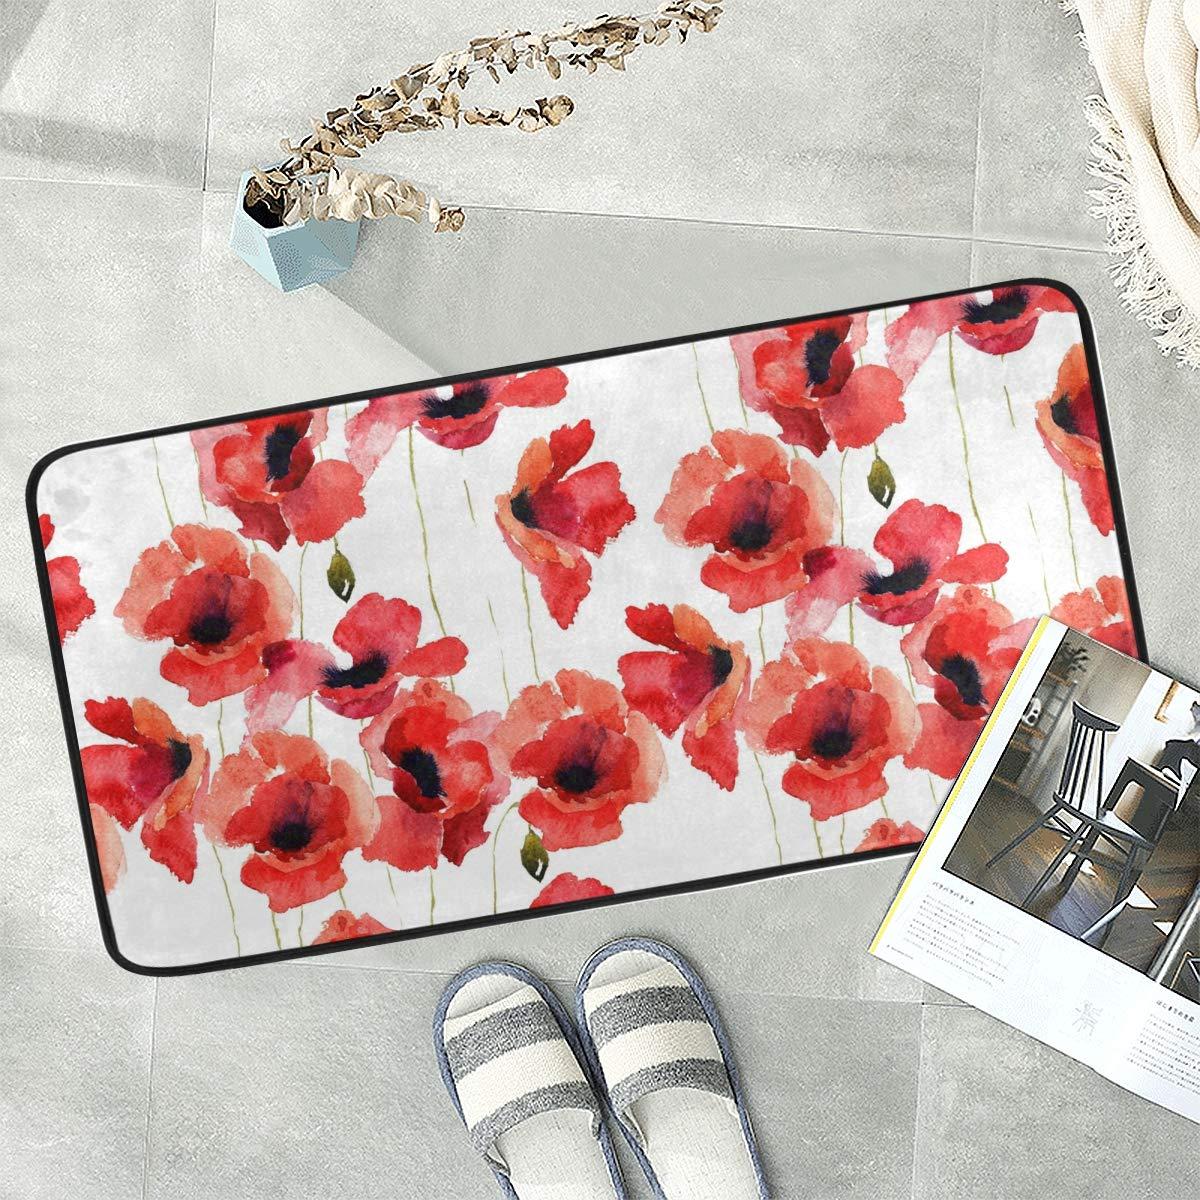 Naanle Floral Flower Anti Fatigue Kitchen Floor Mat, Watercolor Poppy Non Slip Absorbent Comfort Standing Mat Kitchen Runner Rug for Hallway Entryway Bathroom Living Room Bedroom 39 x 20 Inches